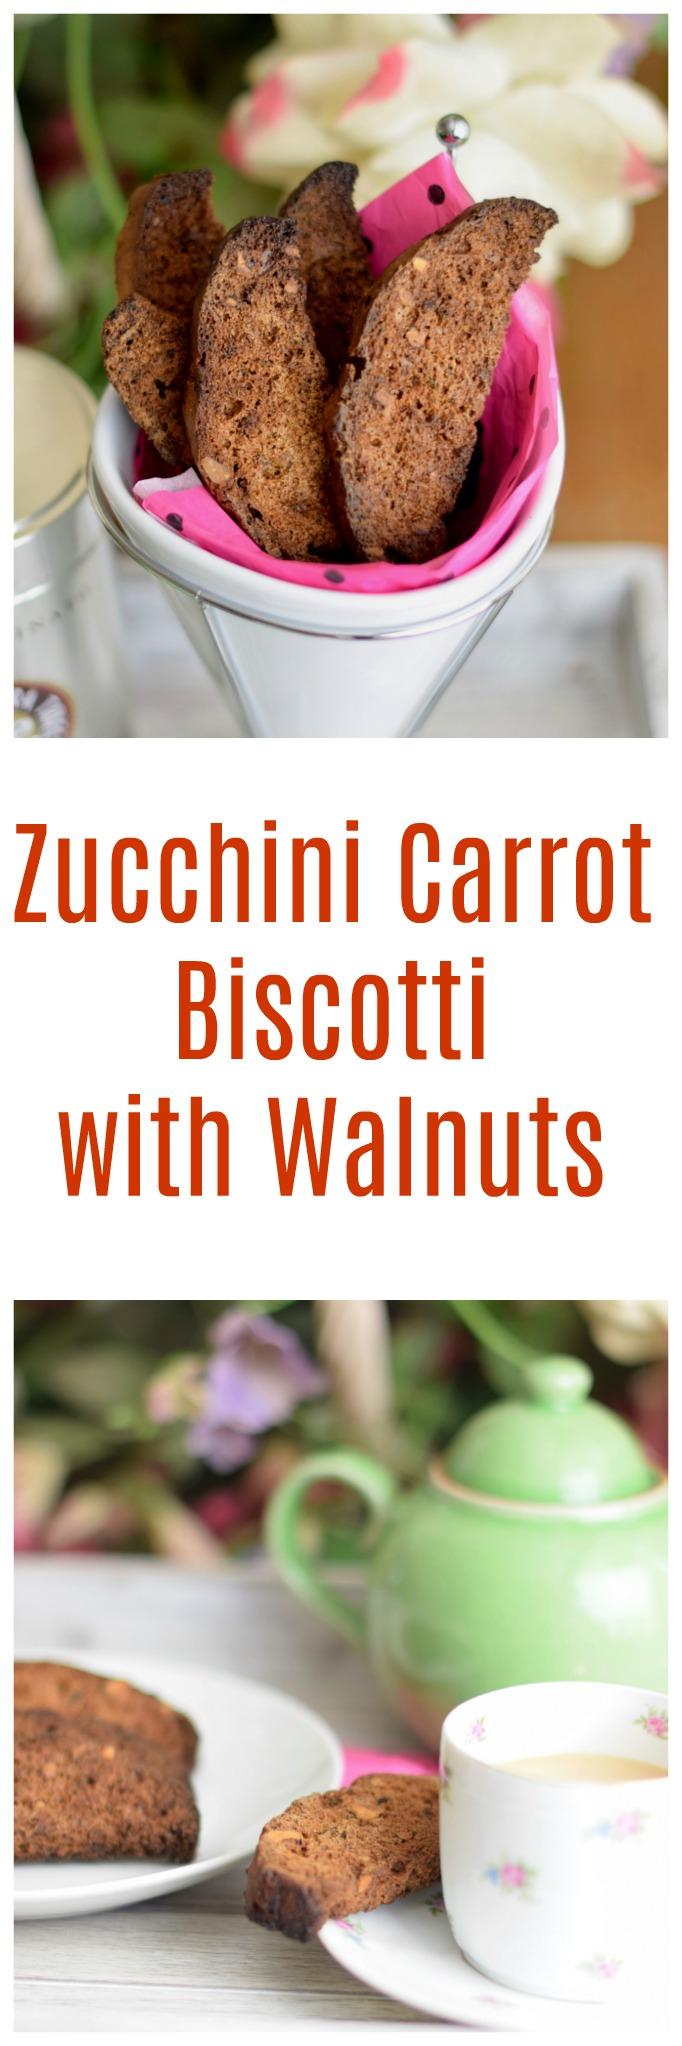 Zucchini Carrot Biscotti with Walnuts